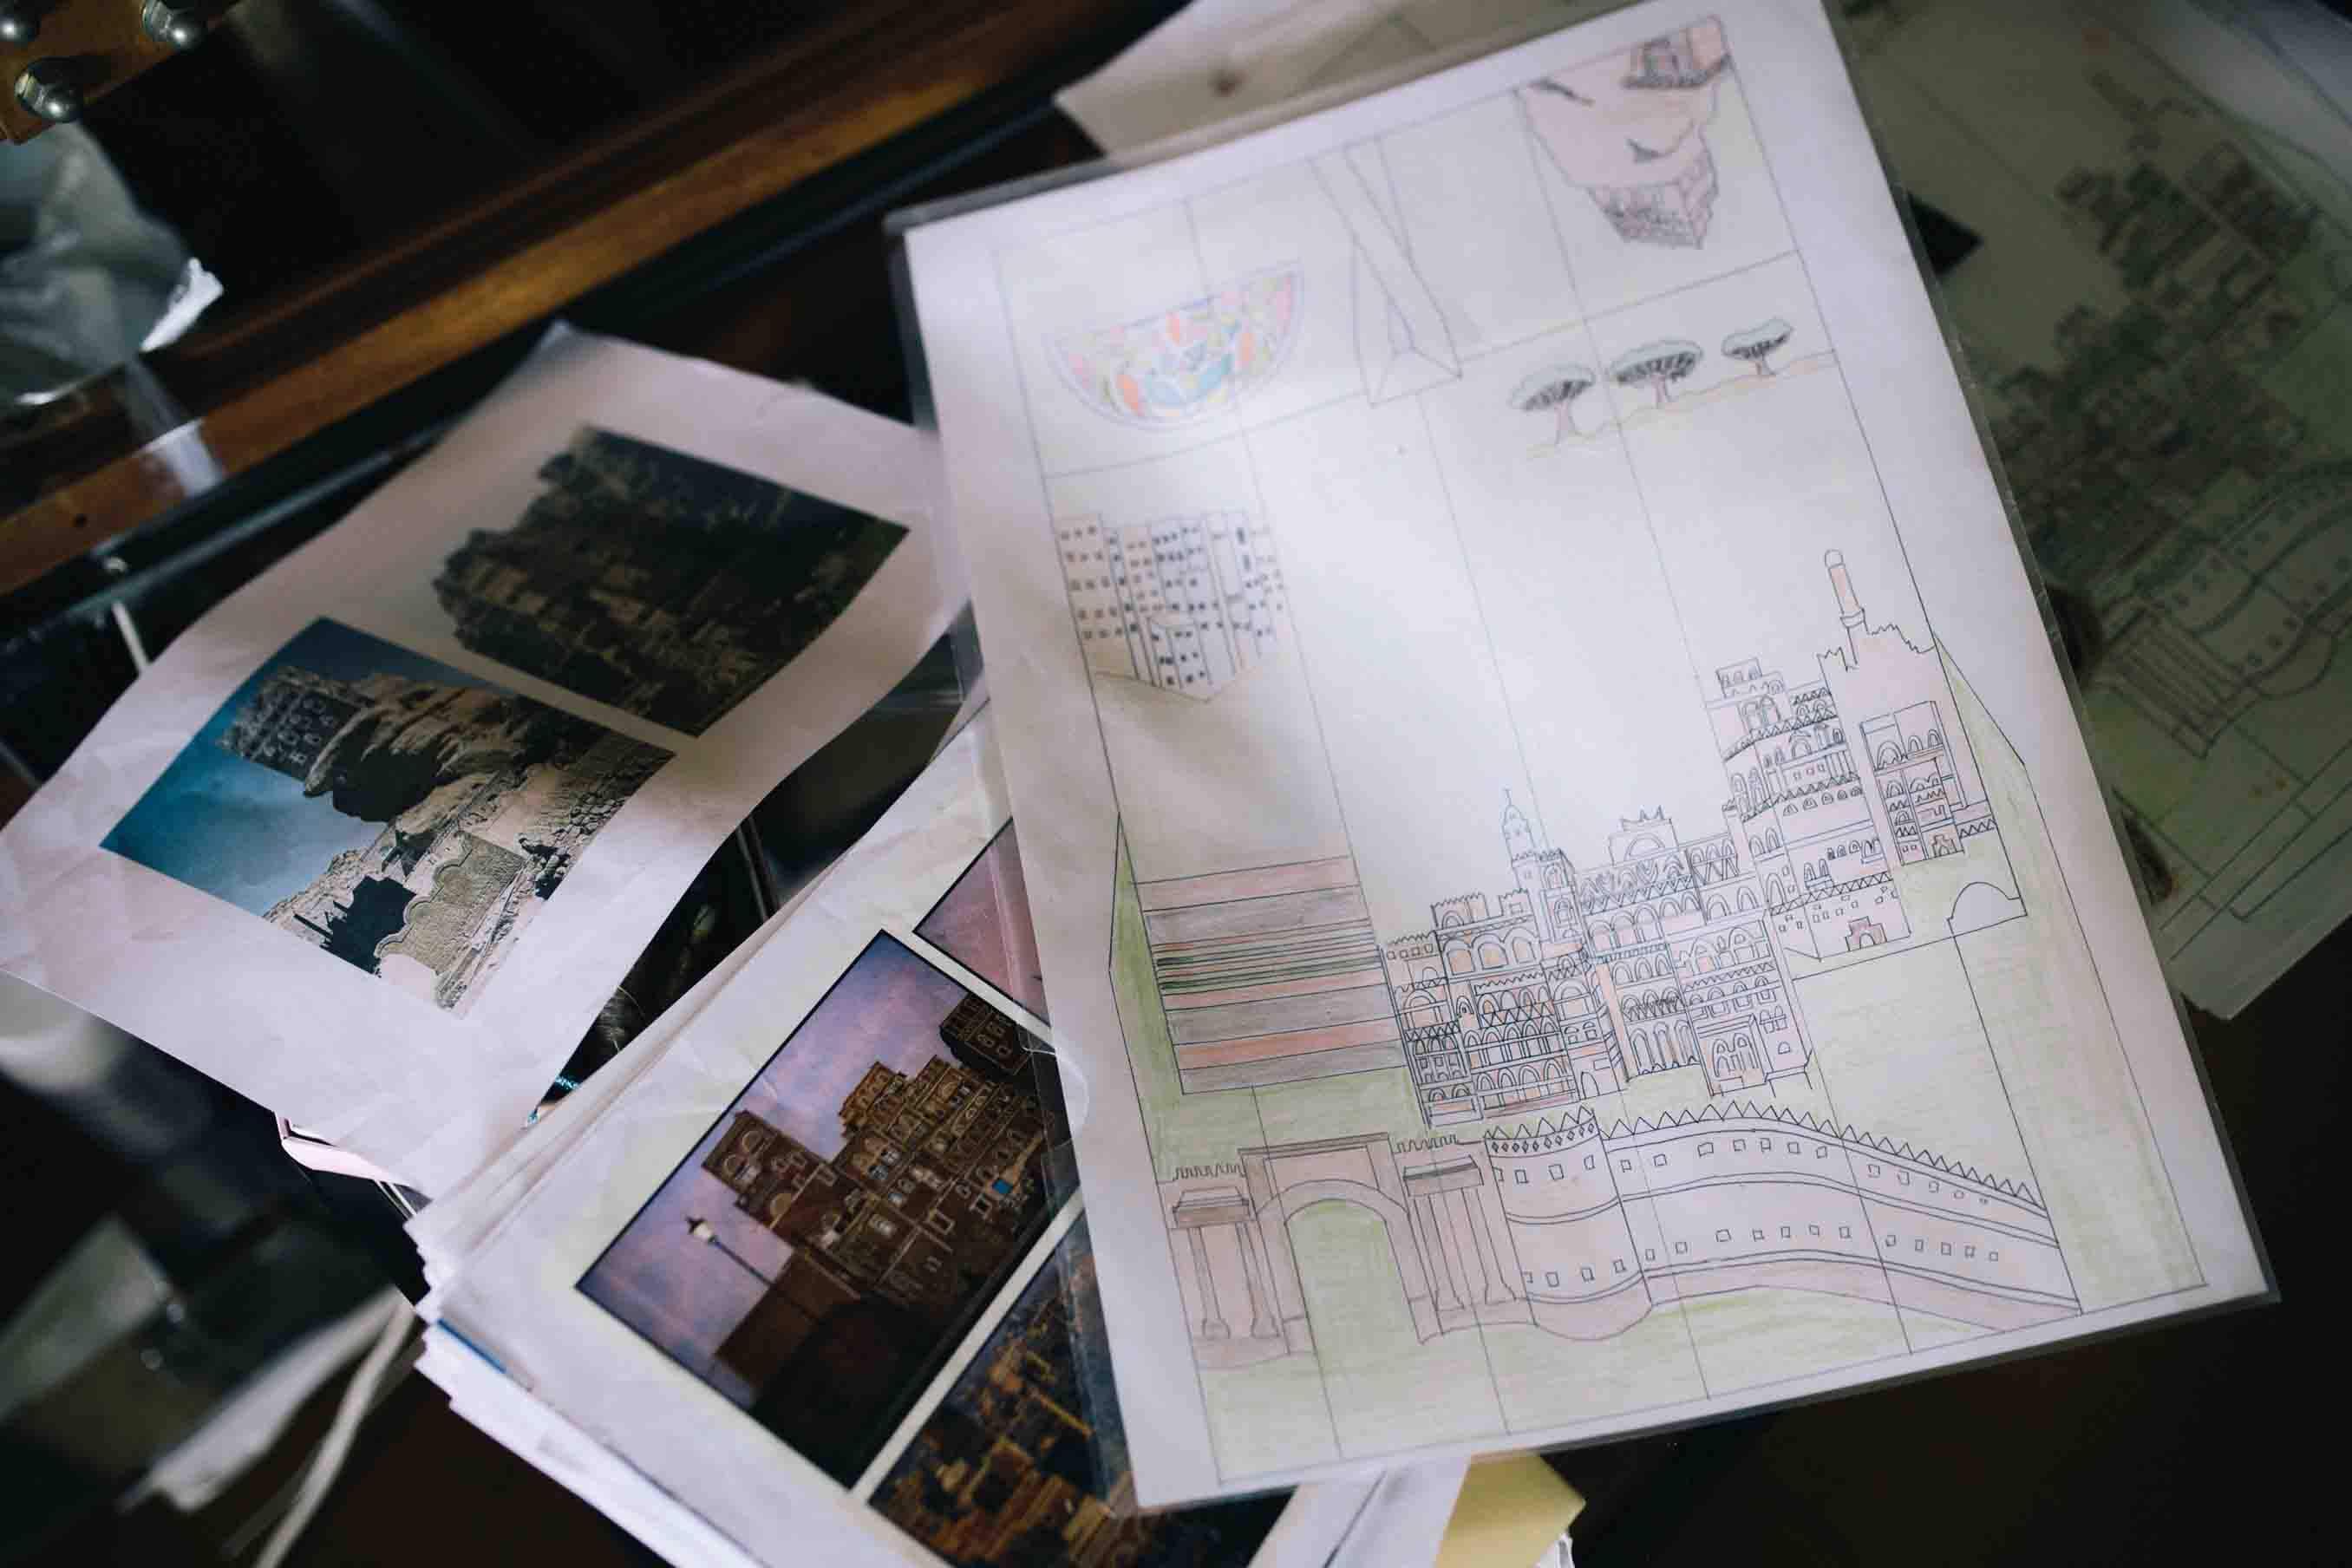 写真を参考にデザインされた図案。イエメンの特徴的な城壁や建物、世界遺産にも登録されている、ソコトラ島の木も描かれている